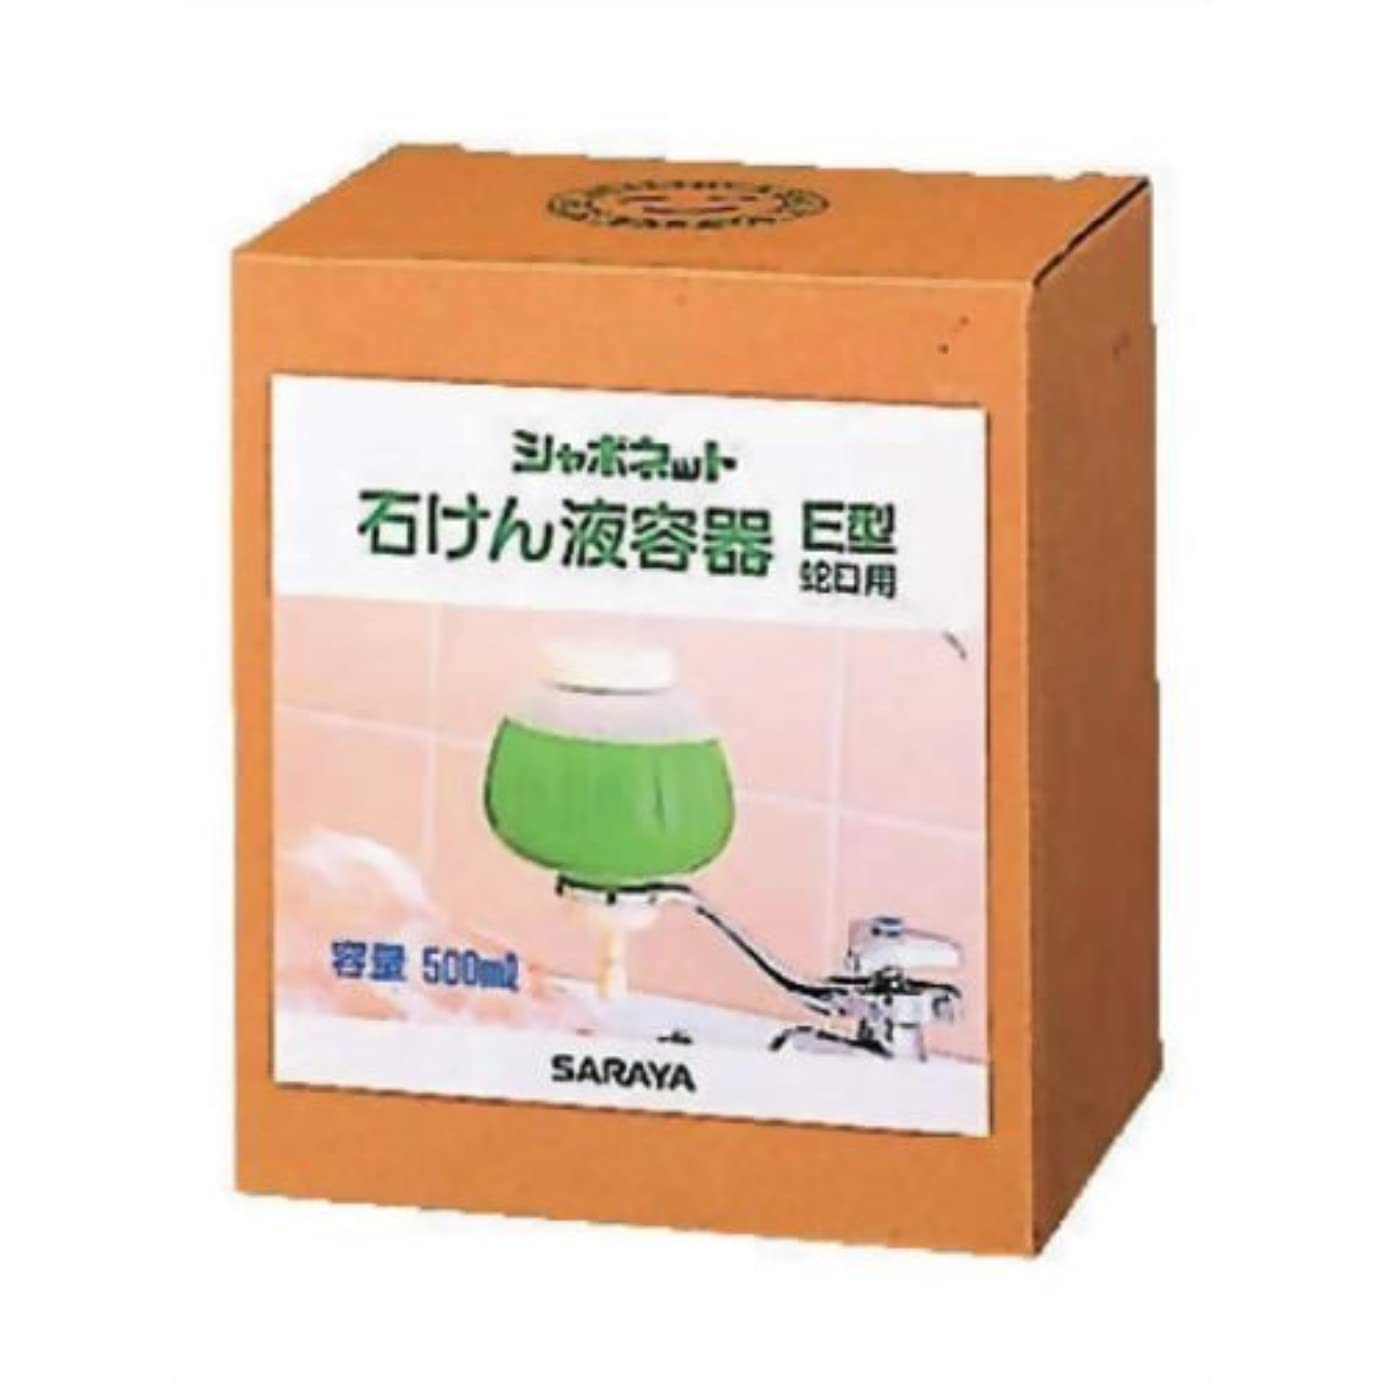 シャボネット 石鹸液容器 E型蛇口用 500ml